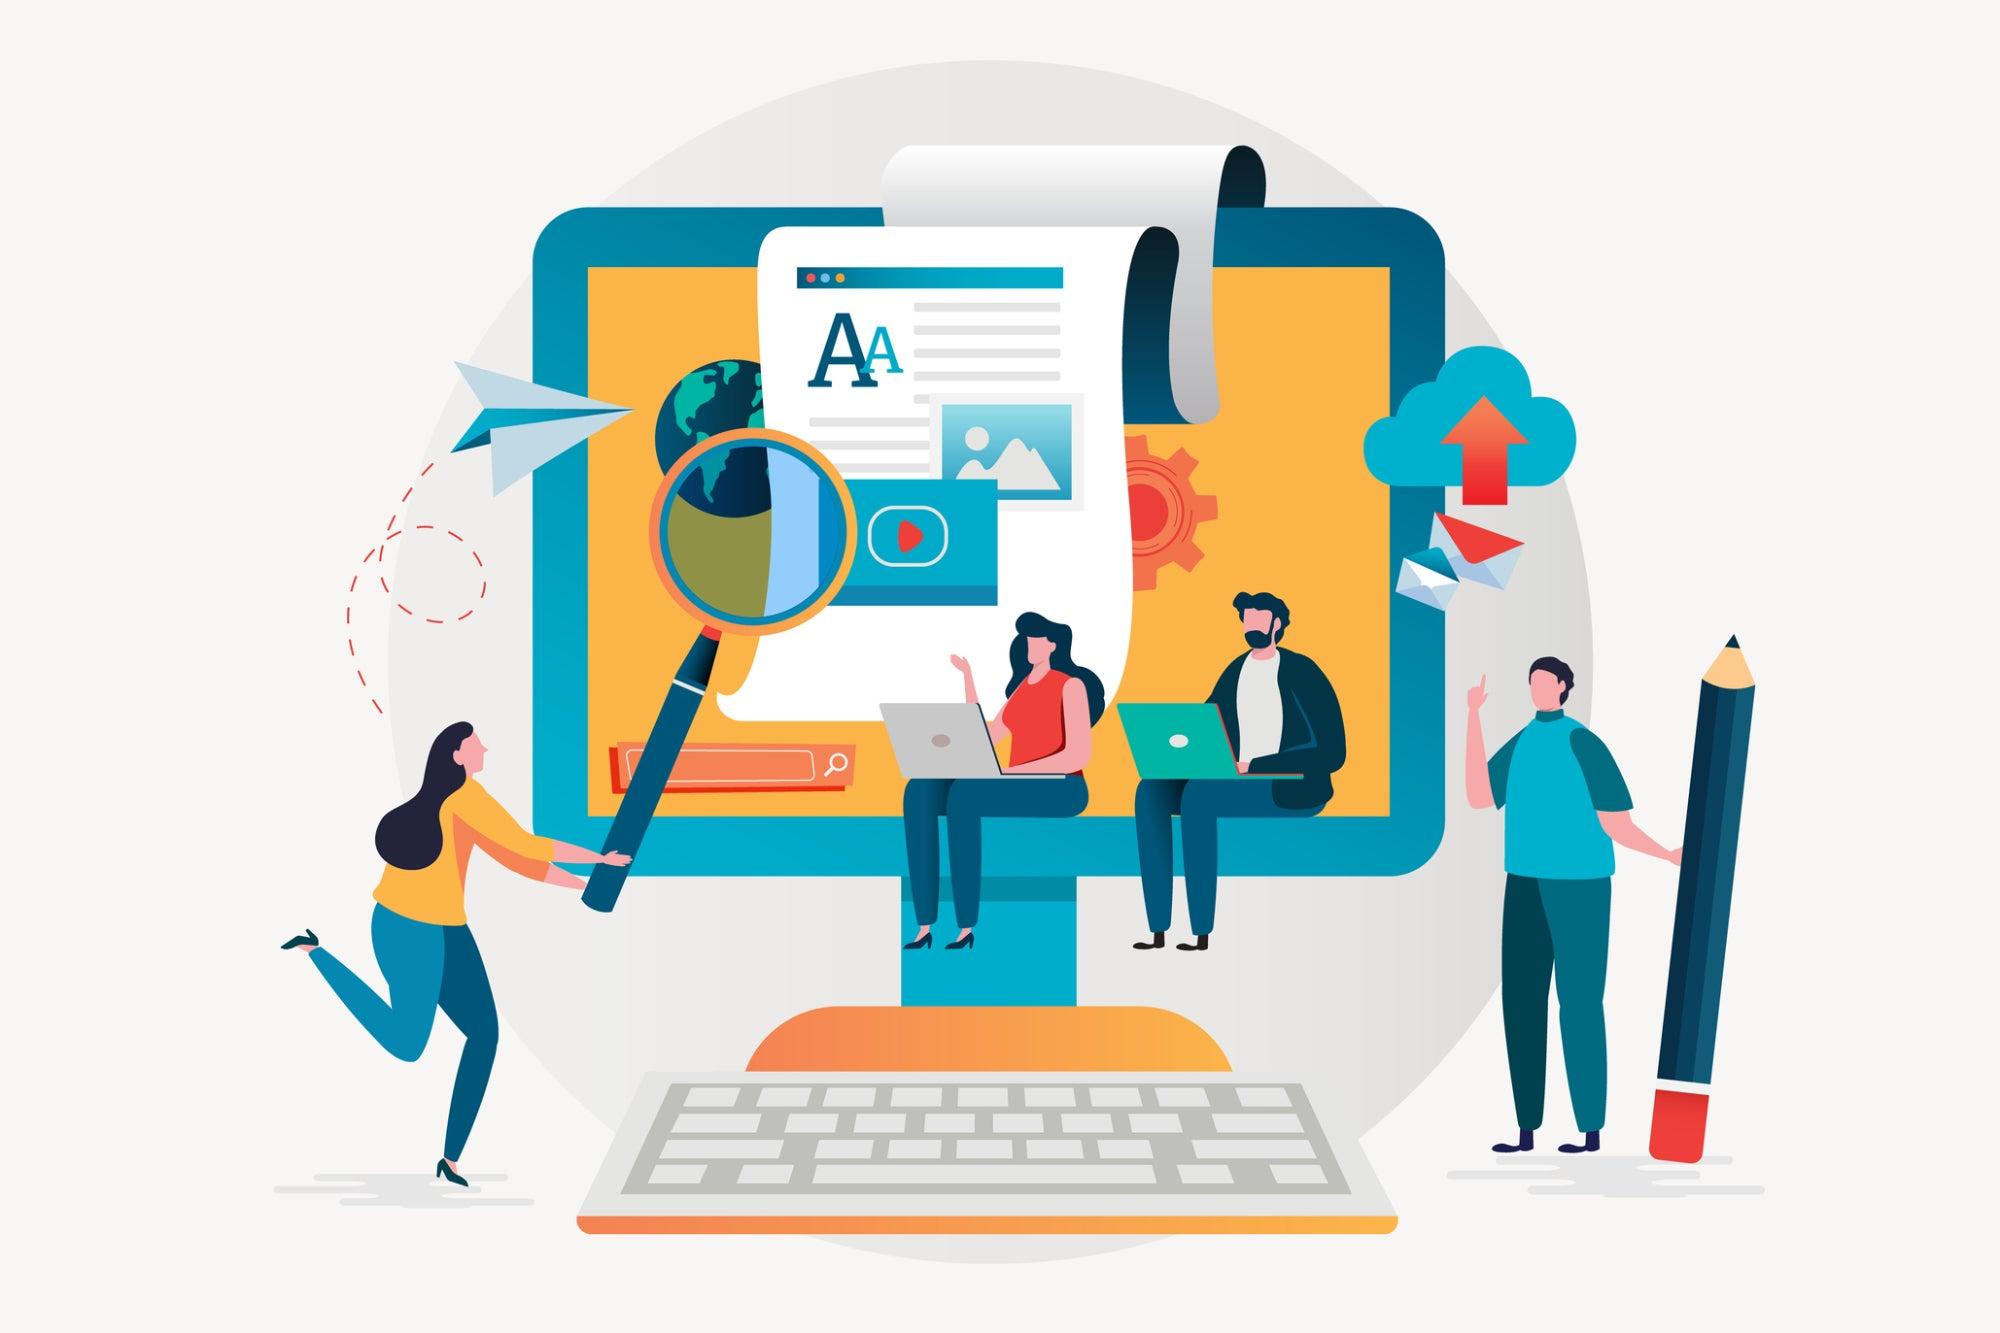 Viết content marketing như thế nào để tăng doanh số bán hàng? - Luca App  Tin tức